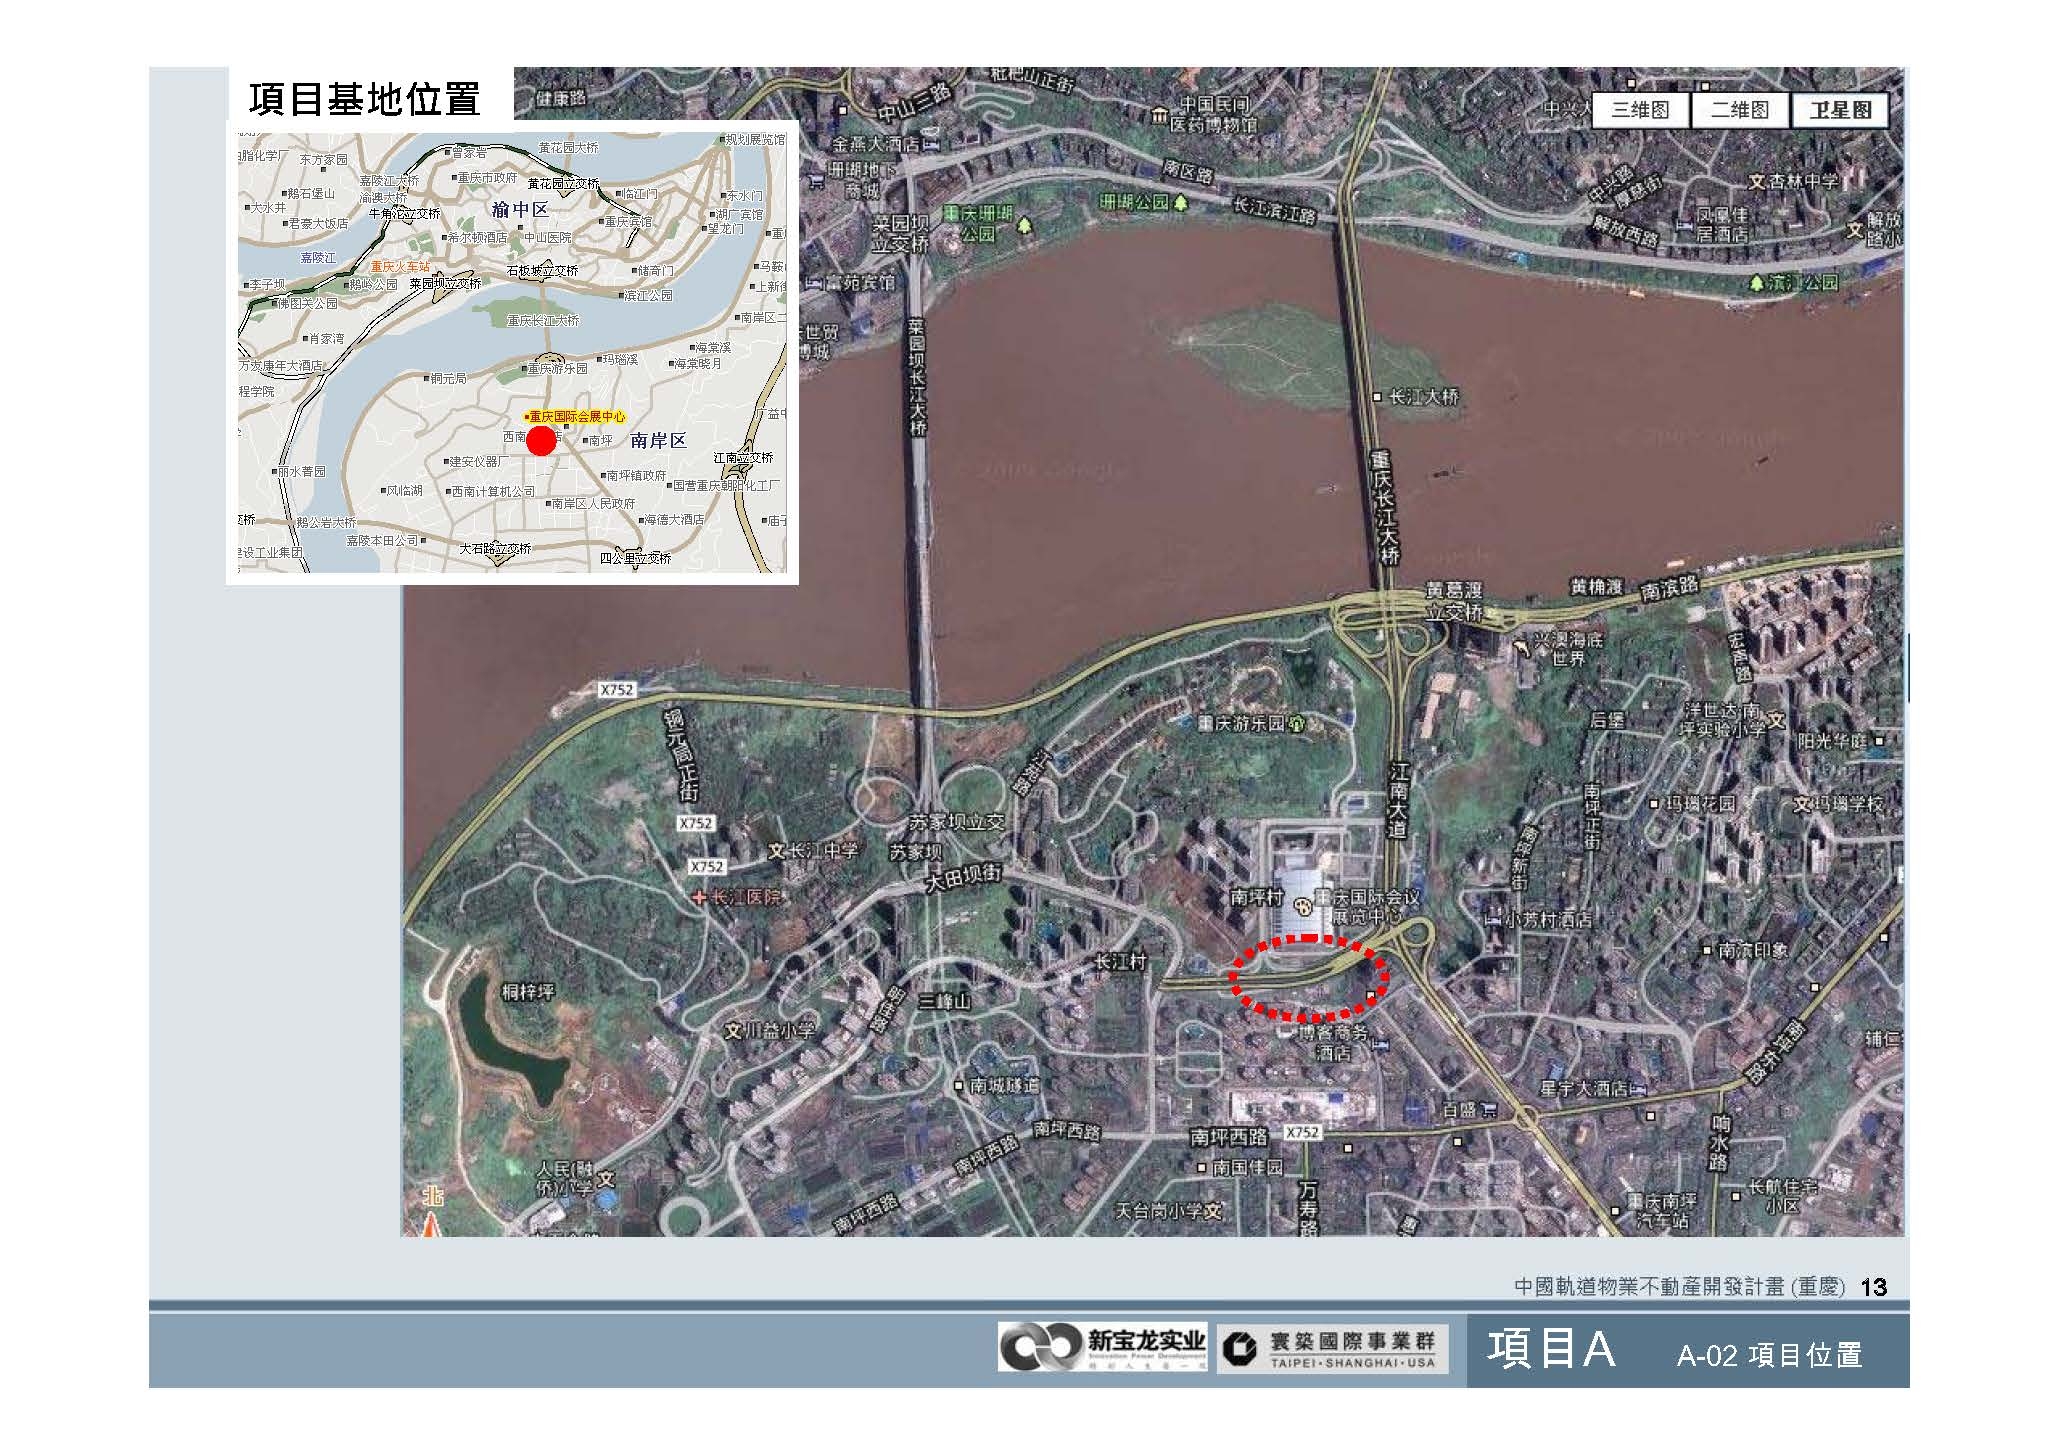 20100812-中國軌道物業不動產開發計畫(重慶)_頁面_14